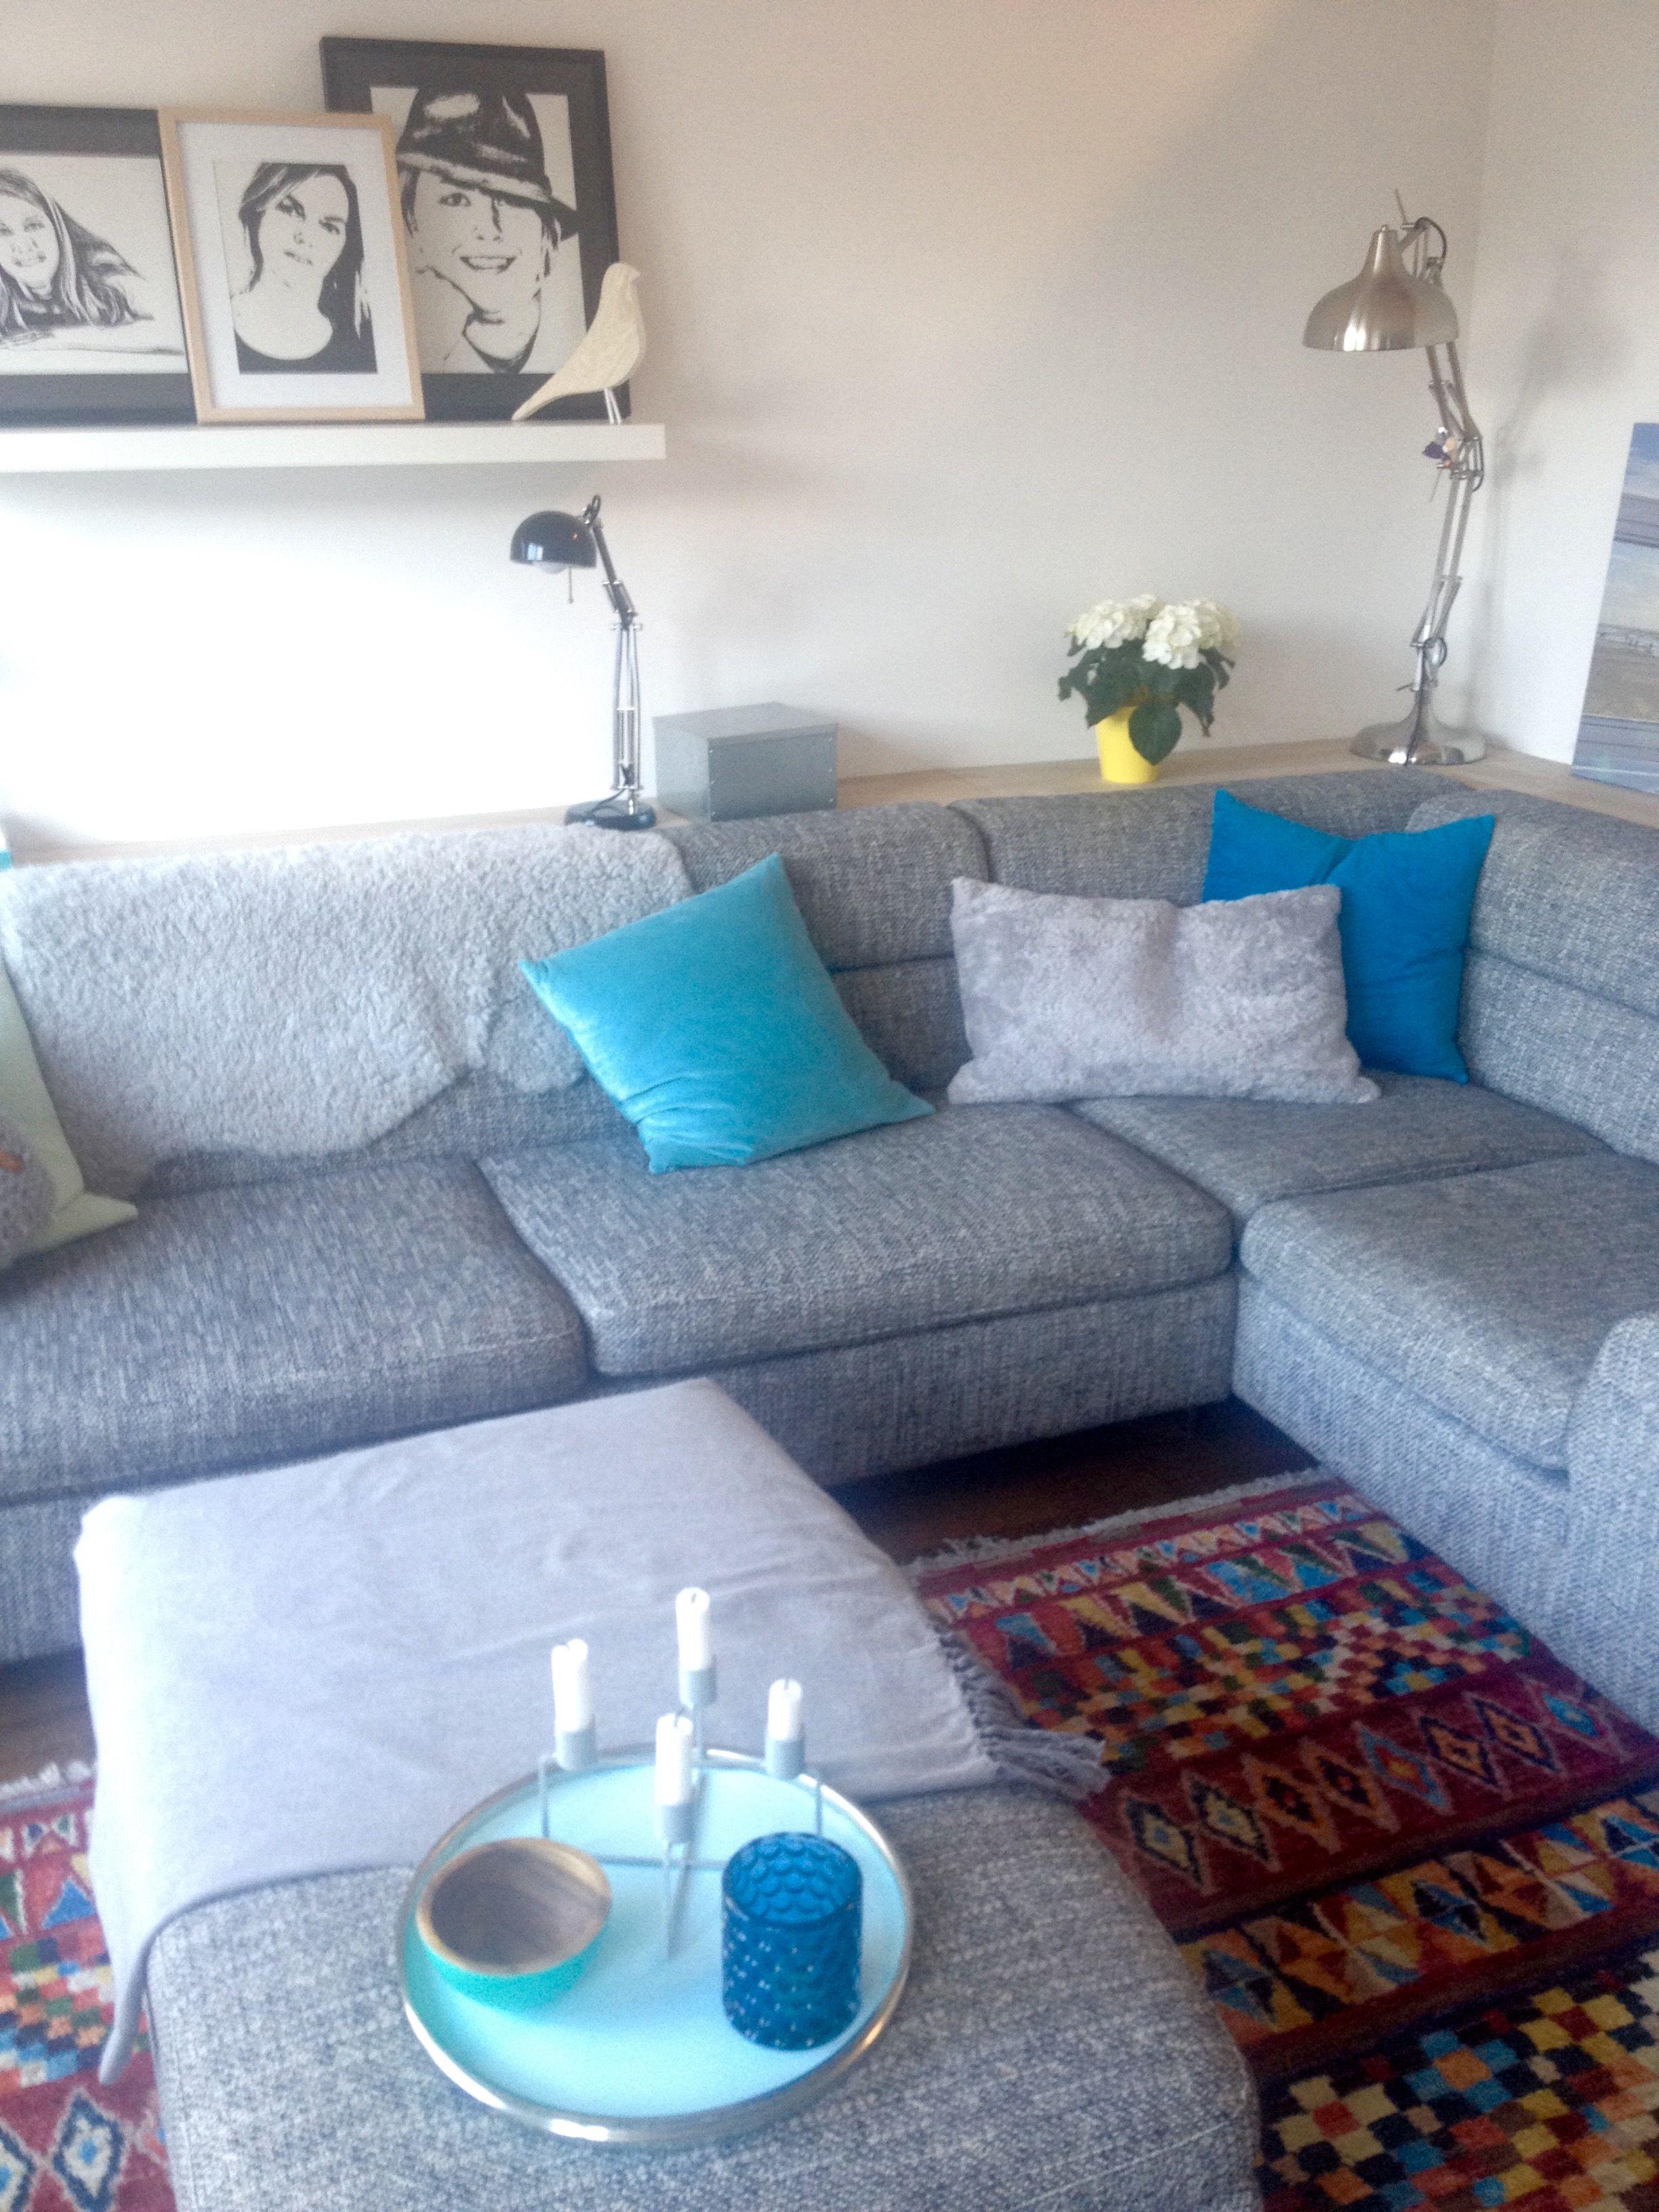 Ikea blaue kissen grau teppich ethno kare lampe sofaecke machalke wohnzimmer zuhause - Lampe wohnzimmer ikea ...